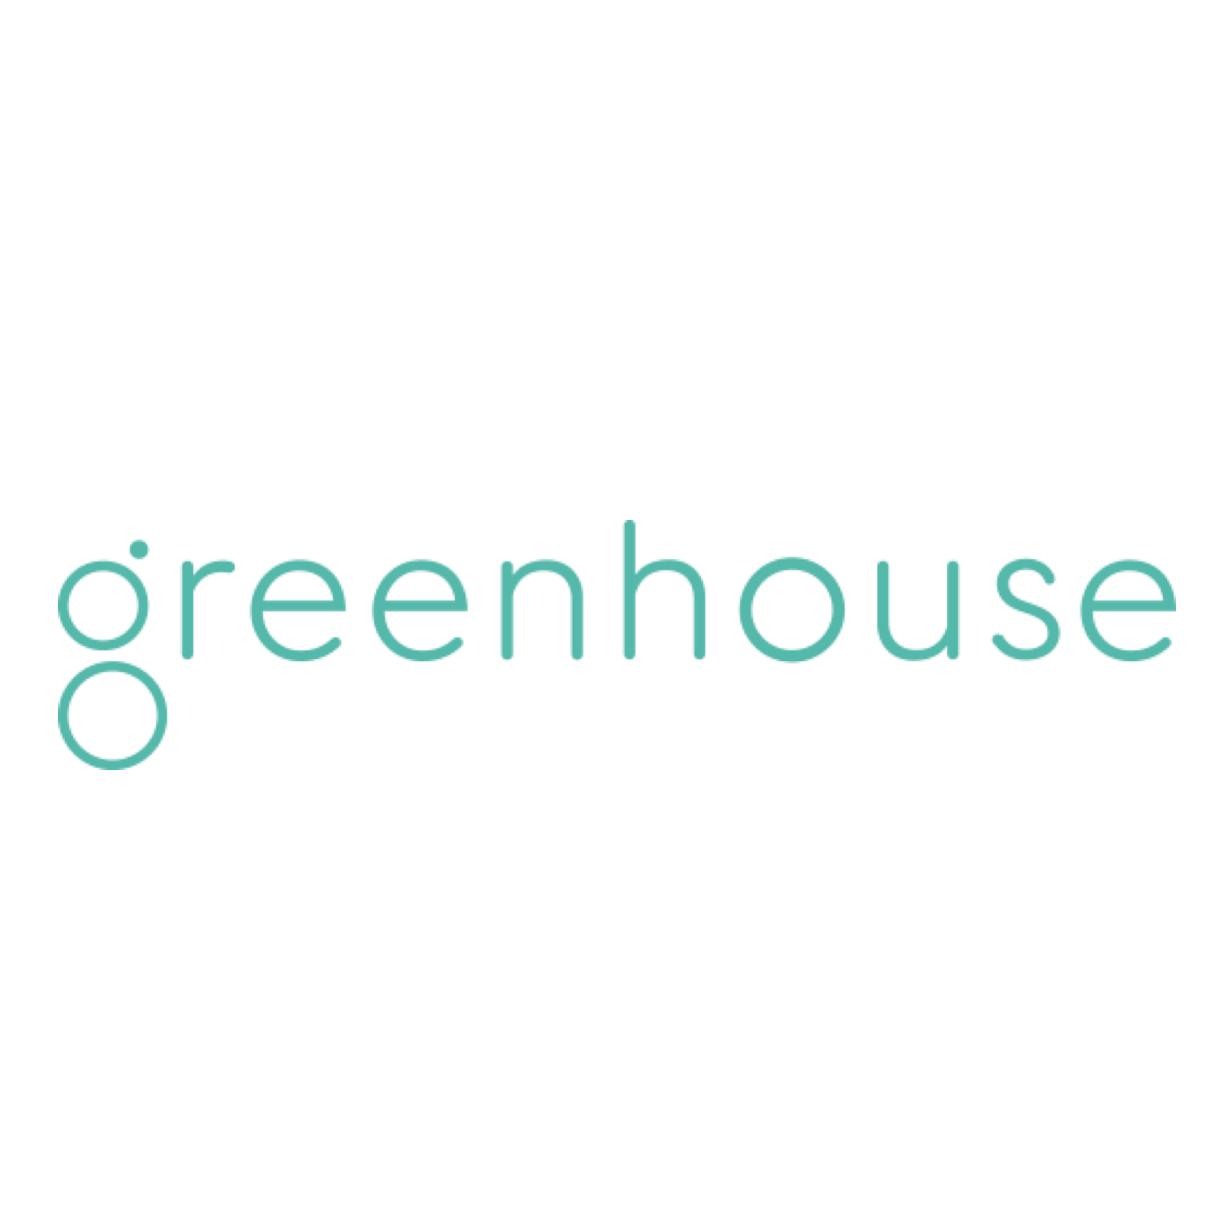 Greenhouse-ATS3.png